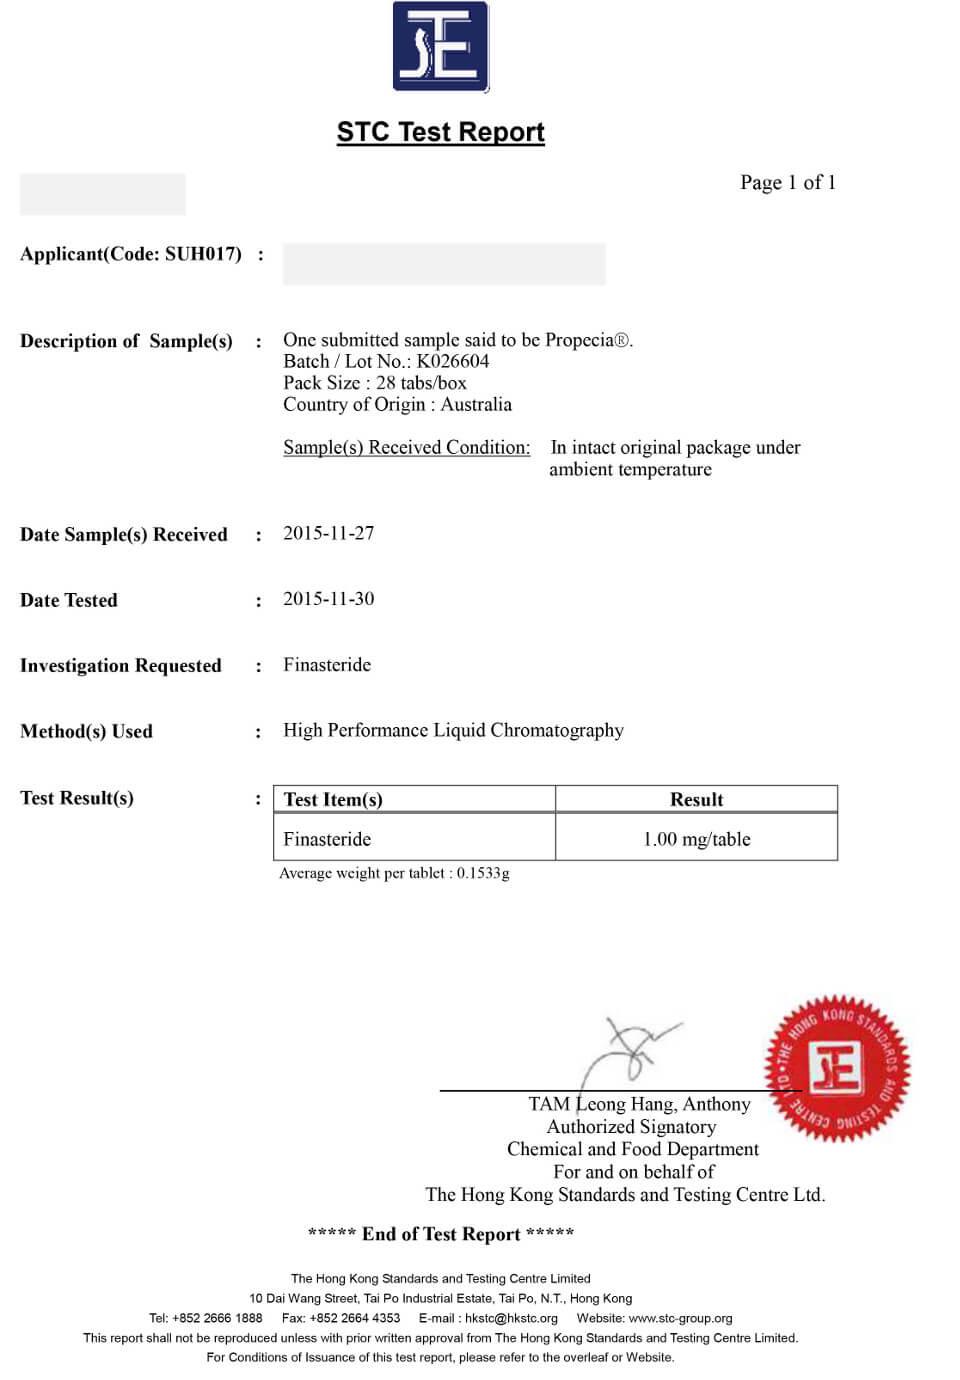 プロペシアの成分分析鑑定書